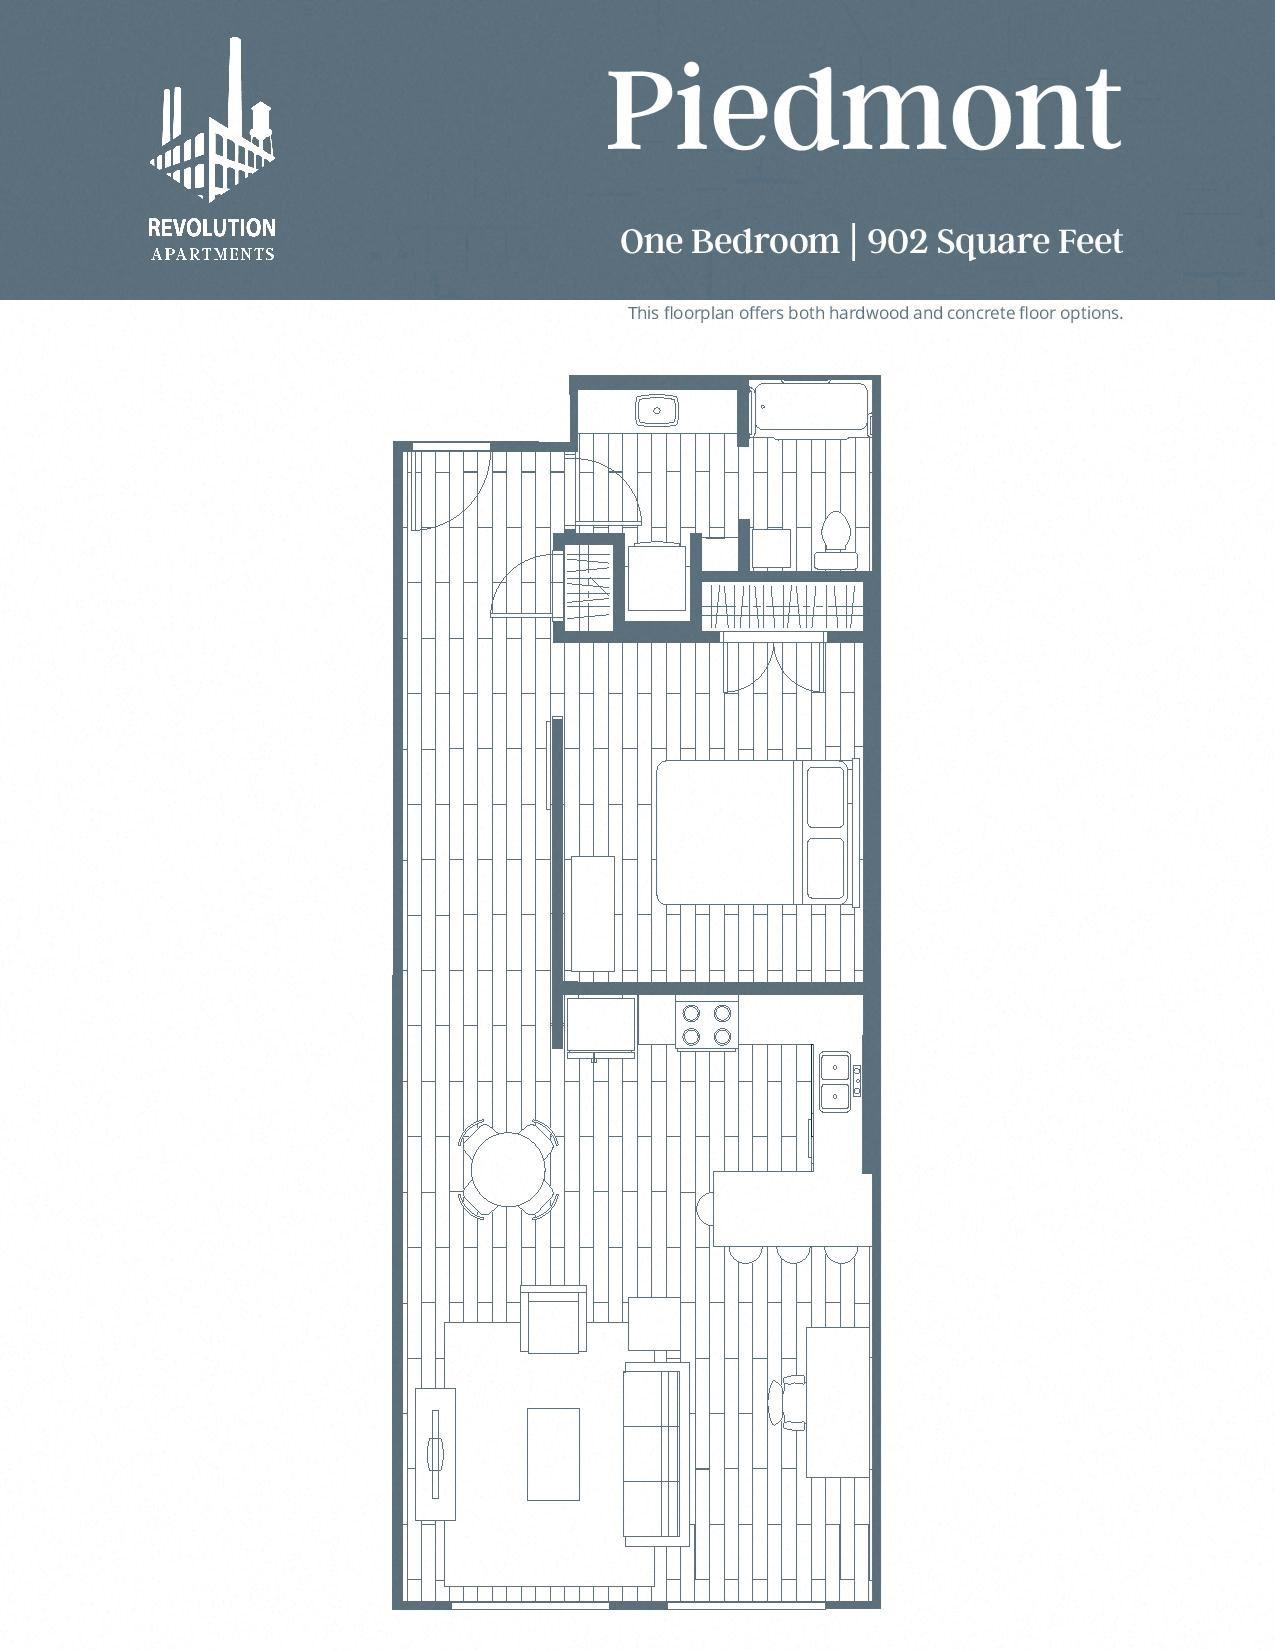 Piedmont Floor Plan 11